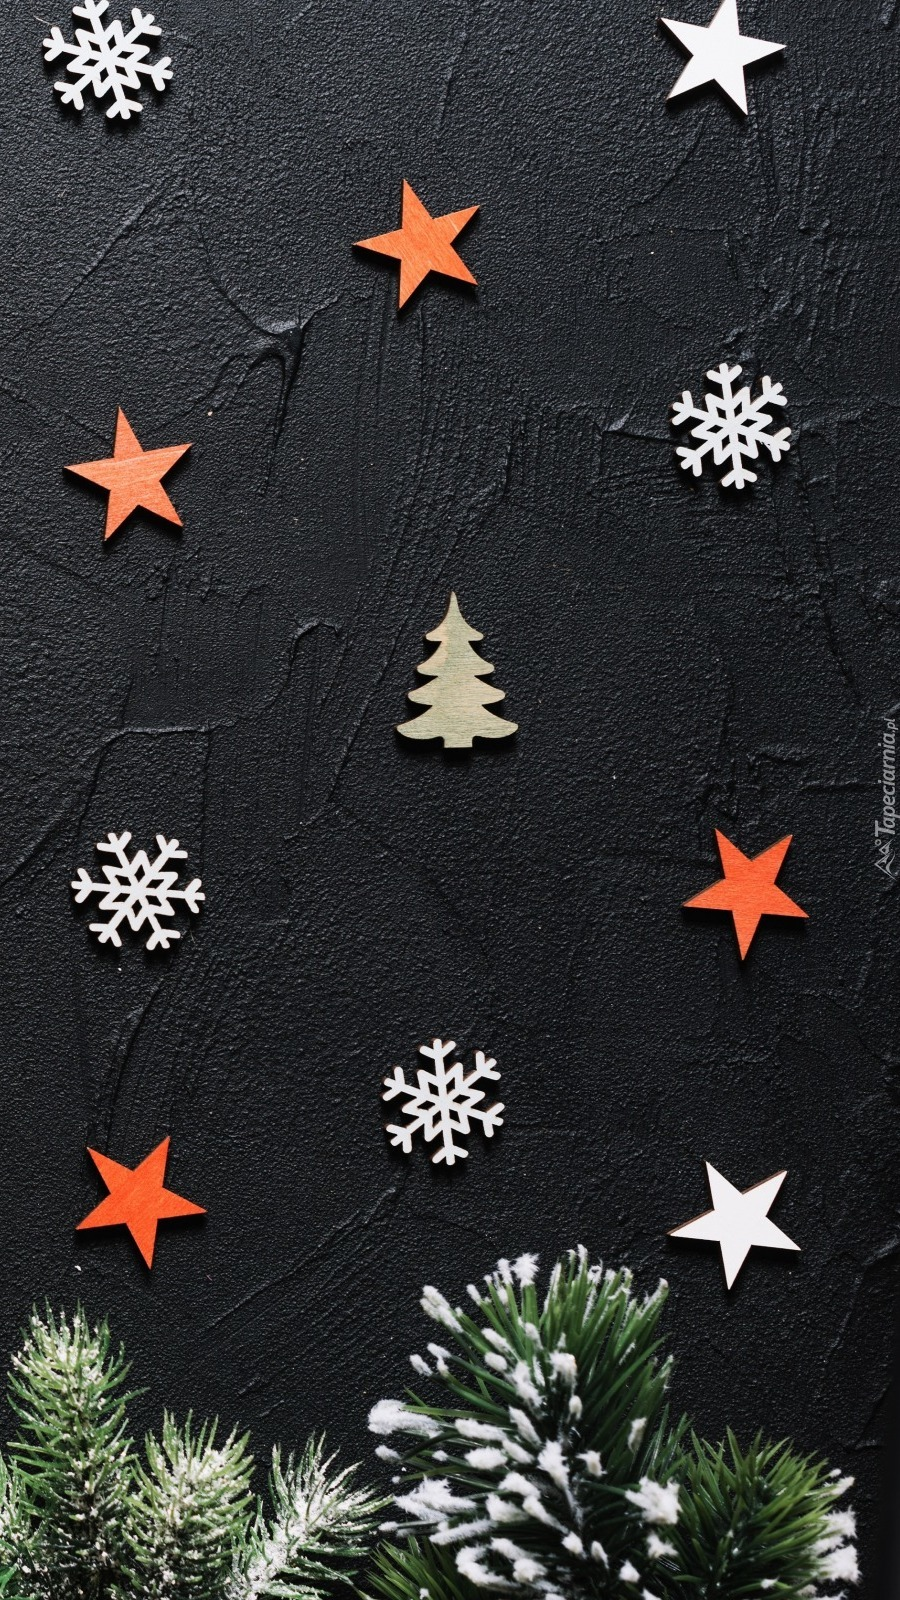 Tekstura w gwiazdki i śnieżynki